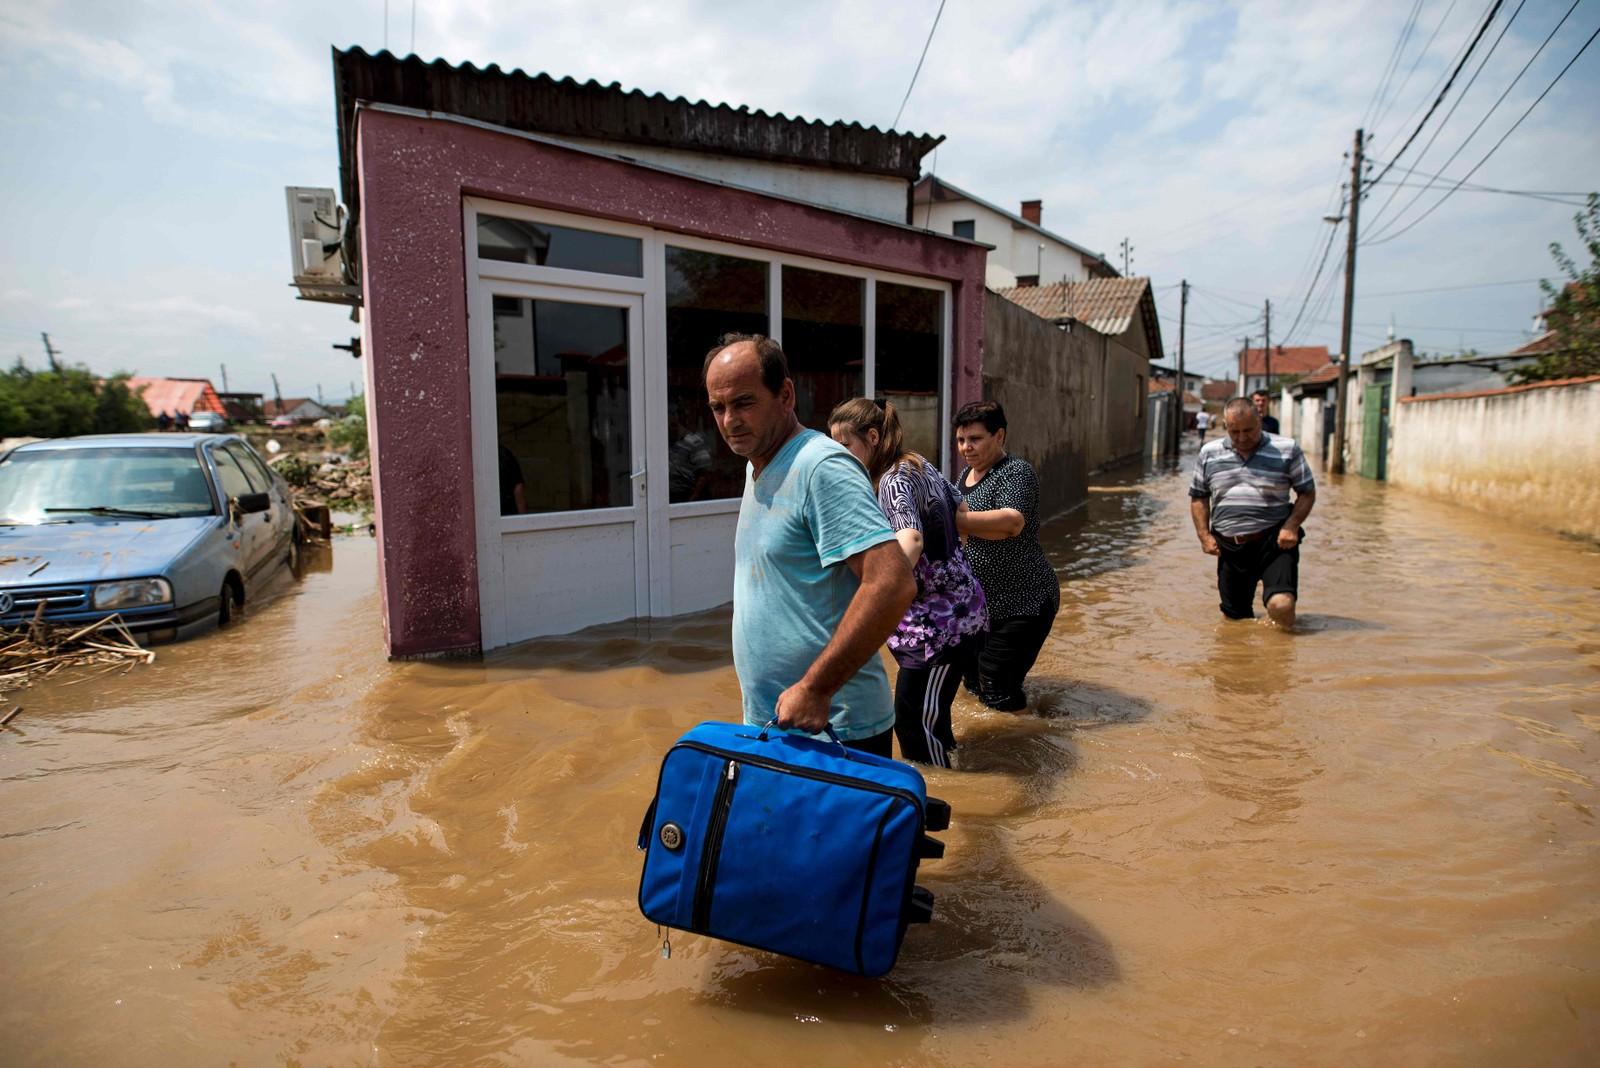 Mennesker drar fra oversvømte hus i Stajkovci.